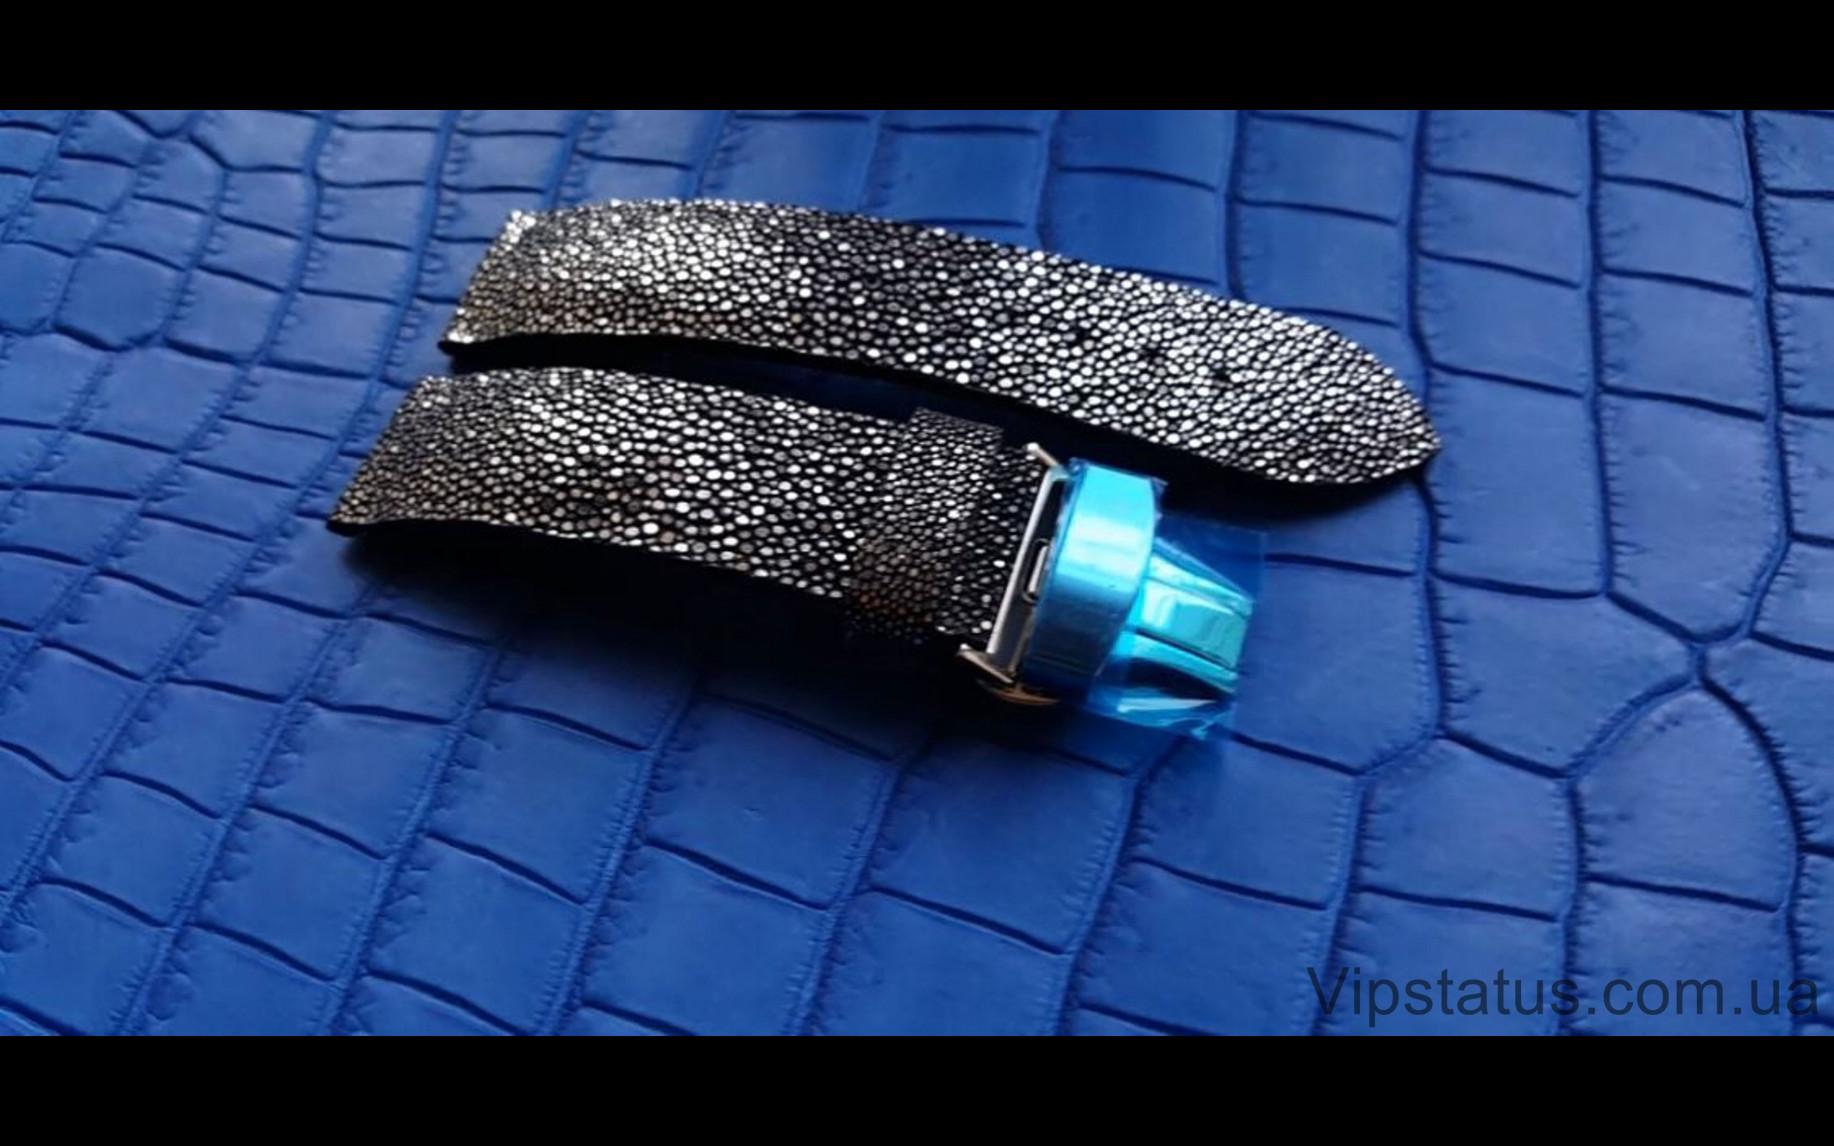 Элитный Лакшери ремешок для часов Silver Metallic кожа ската Эксклюзивный ремешок для часов Silver Metallic из кожи ската  изображение 4